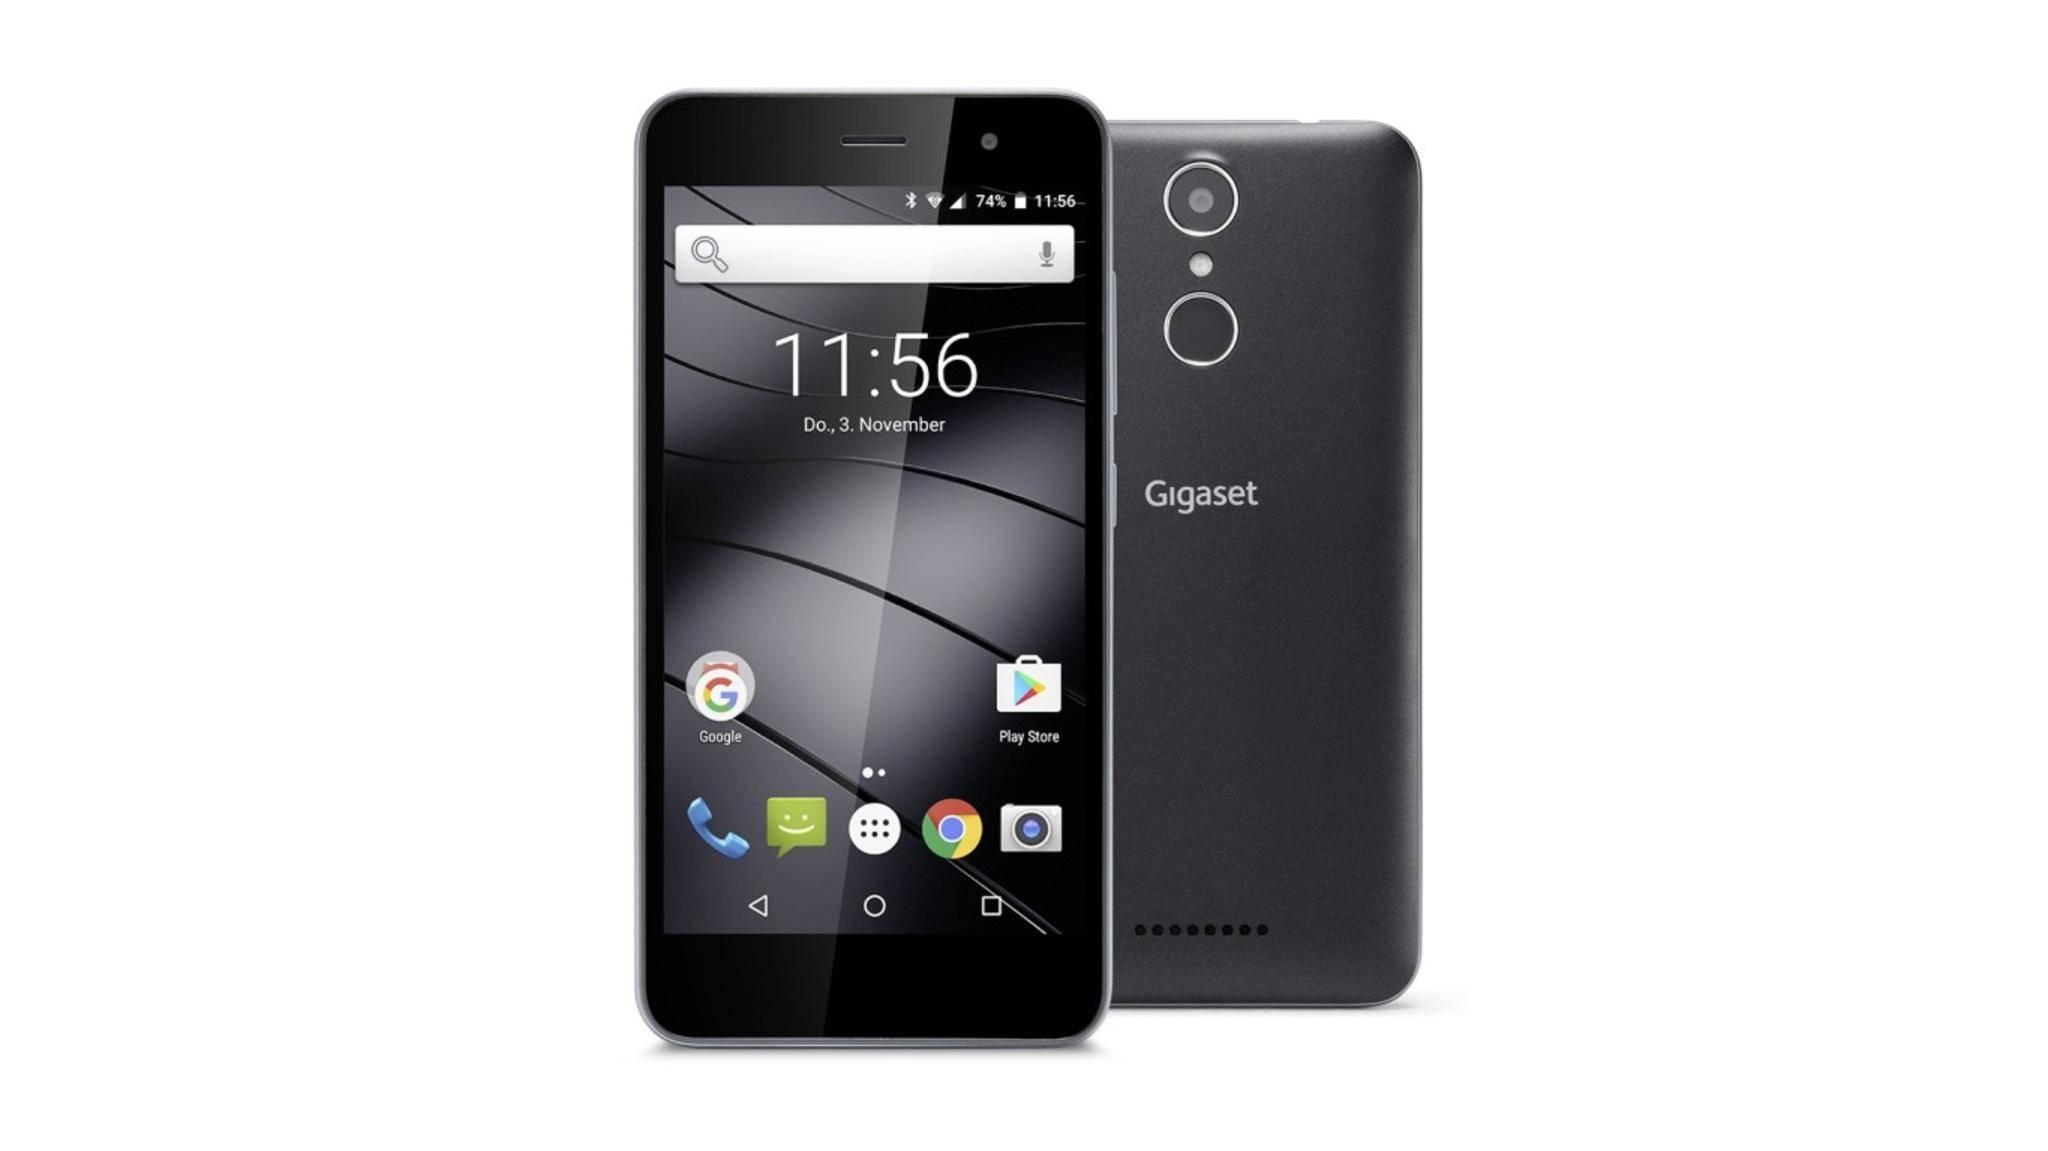 Das Gigaset GS160 ist ein Einsteiger-Smartphone für 150 Euro.